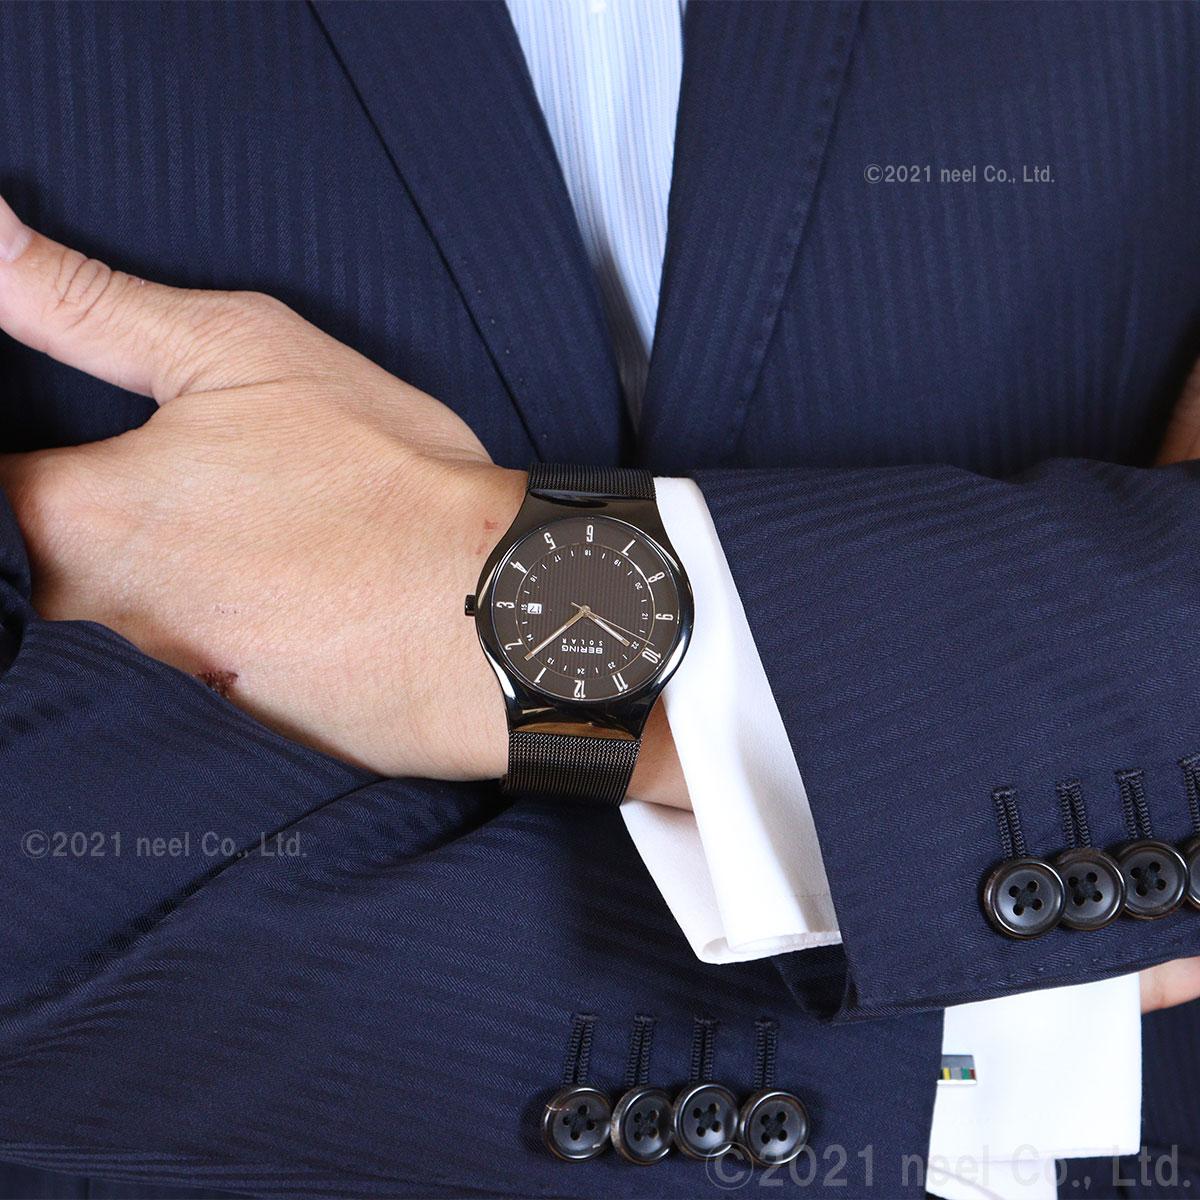 ベーリング BERING 腕時計 メンズ ソーラー スリムソーラー slim solar 14640-222